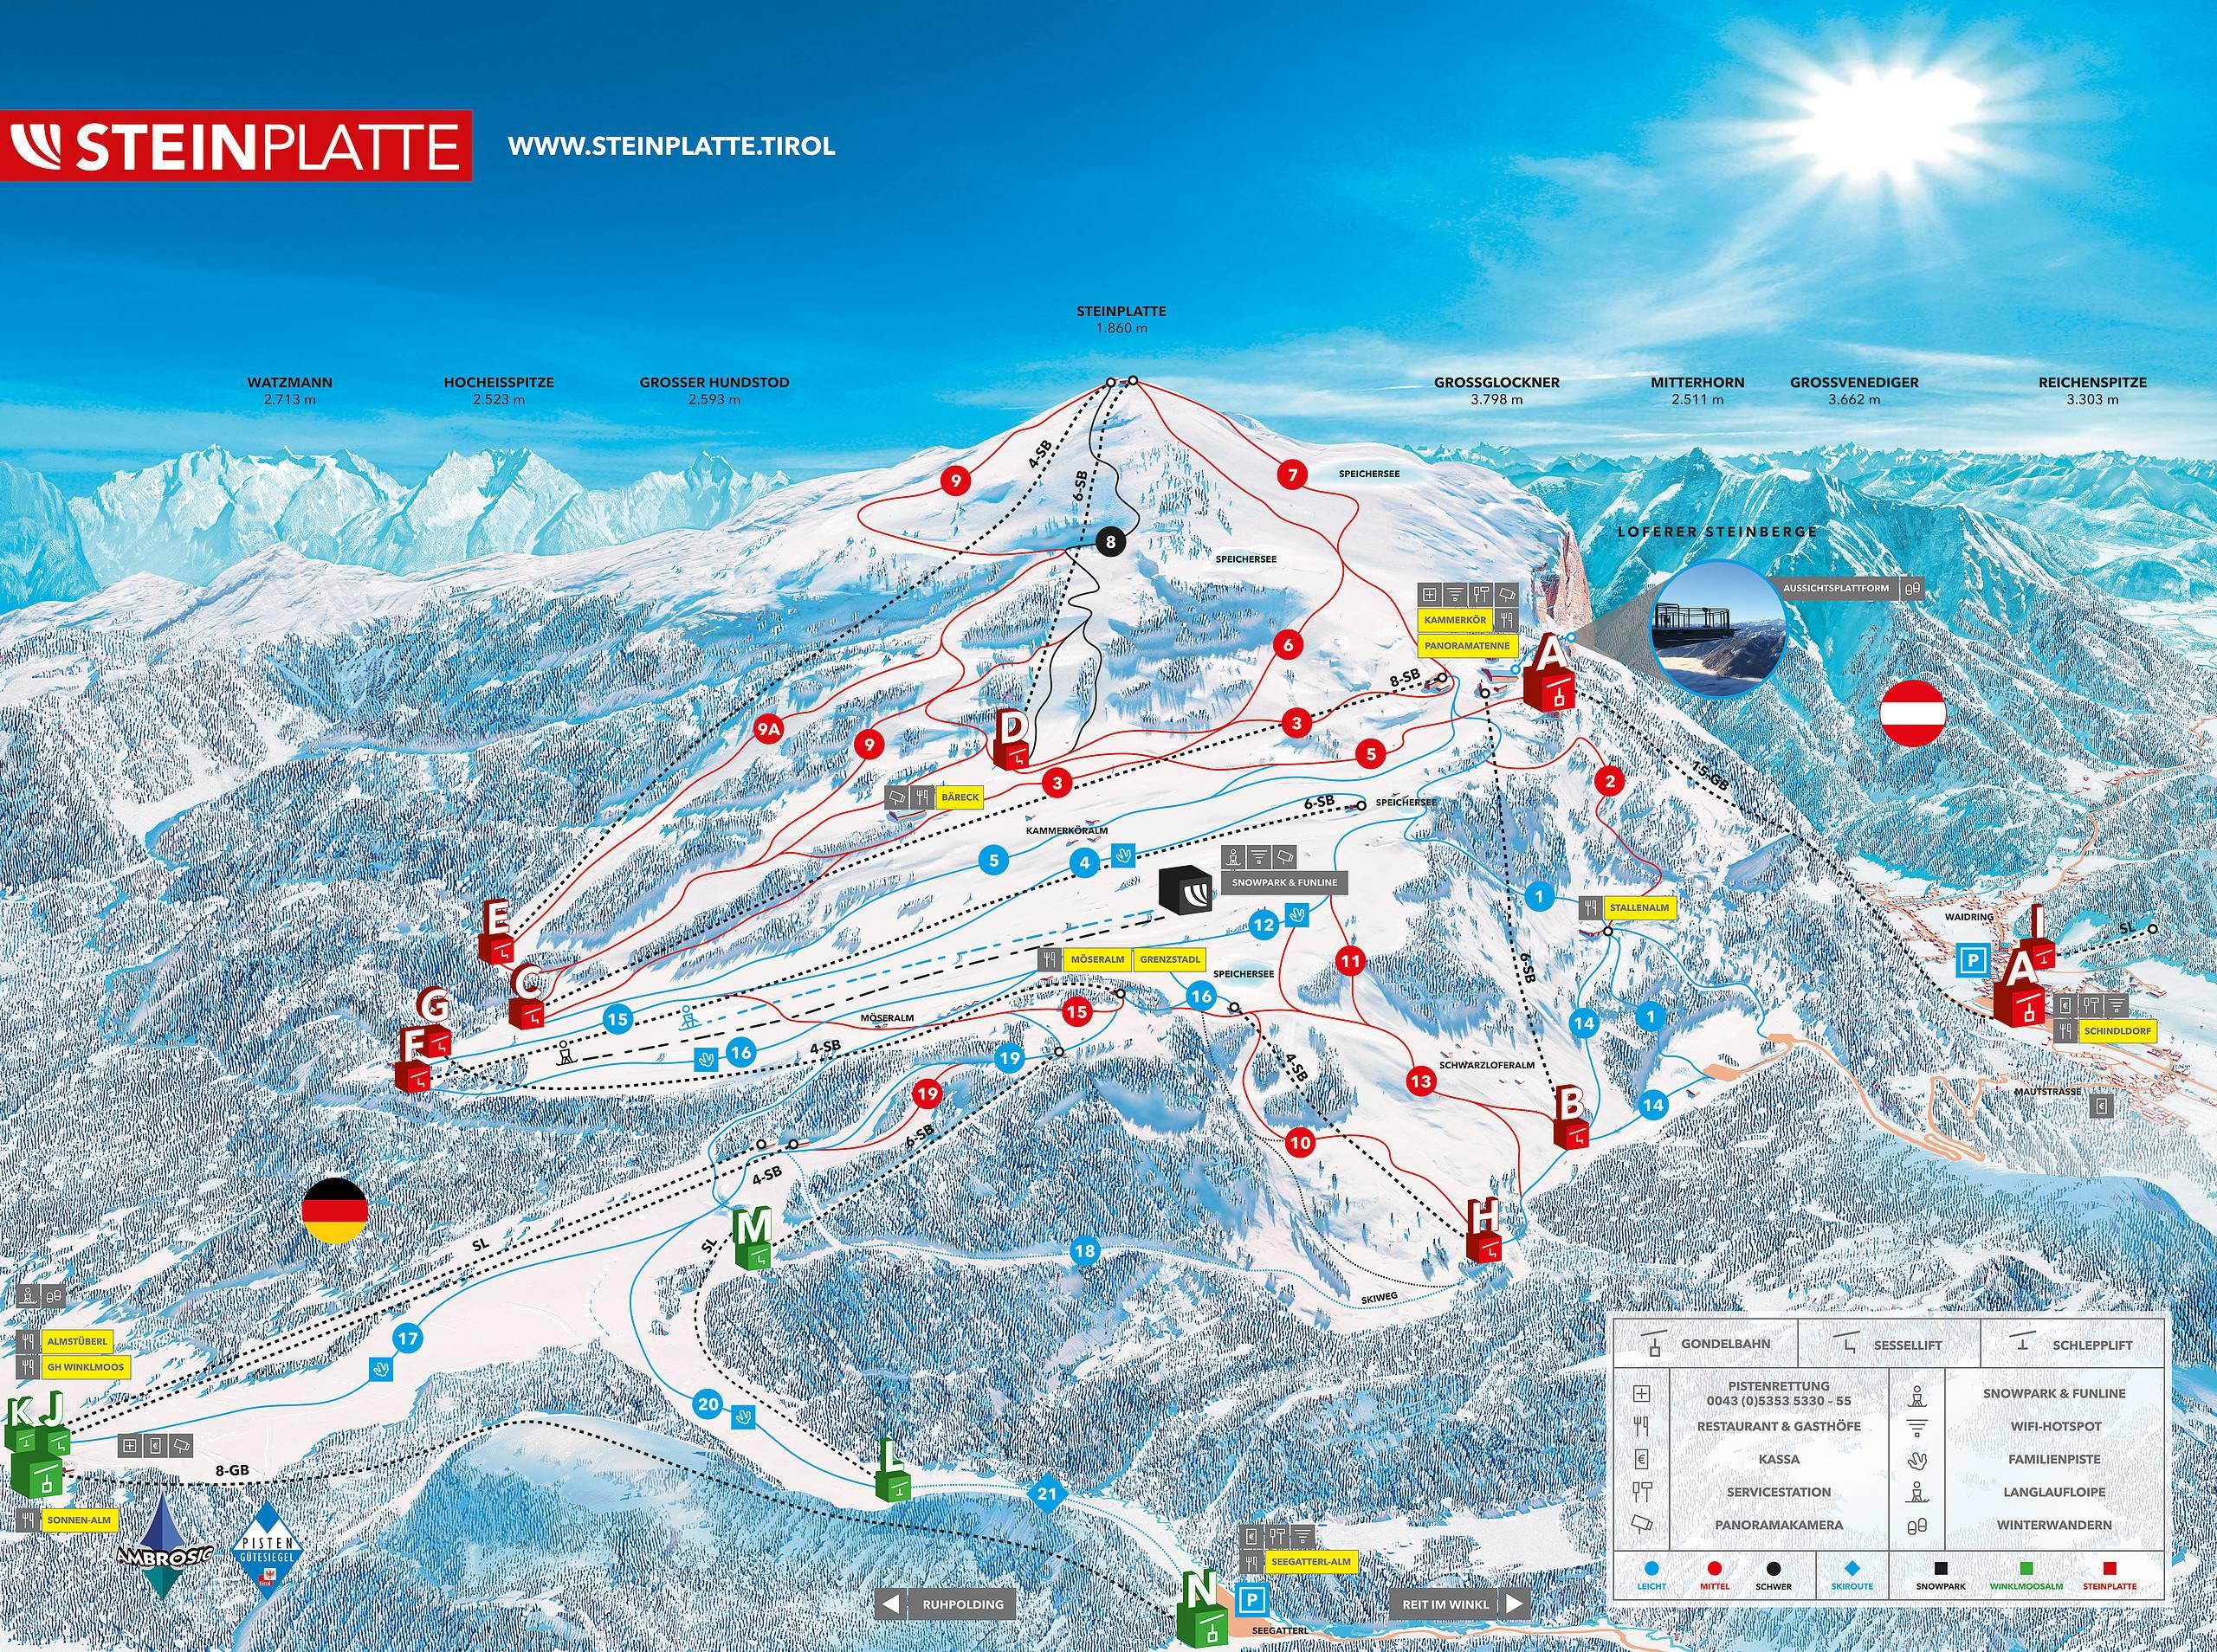 Ишгль / ischgl - горнолыжные курорты и склоны австрии